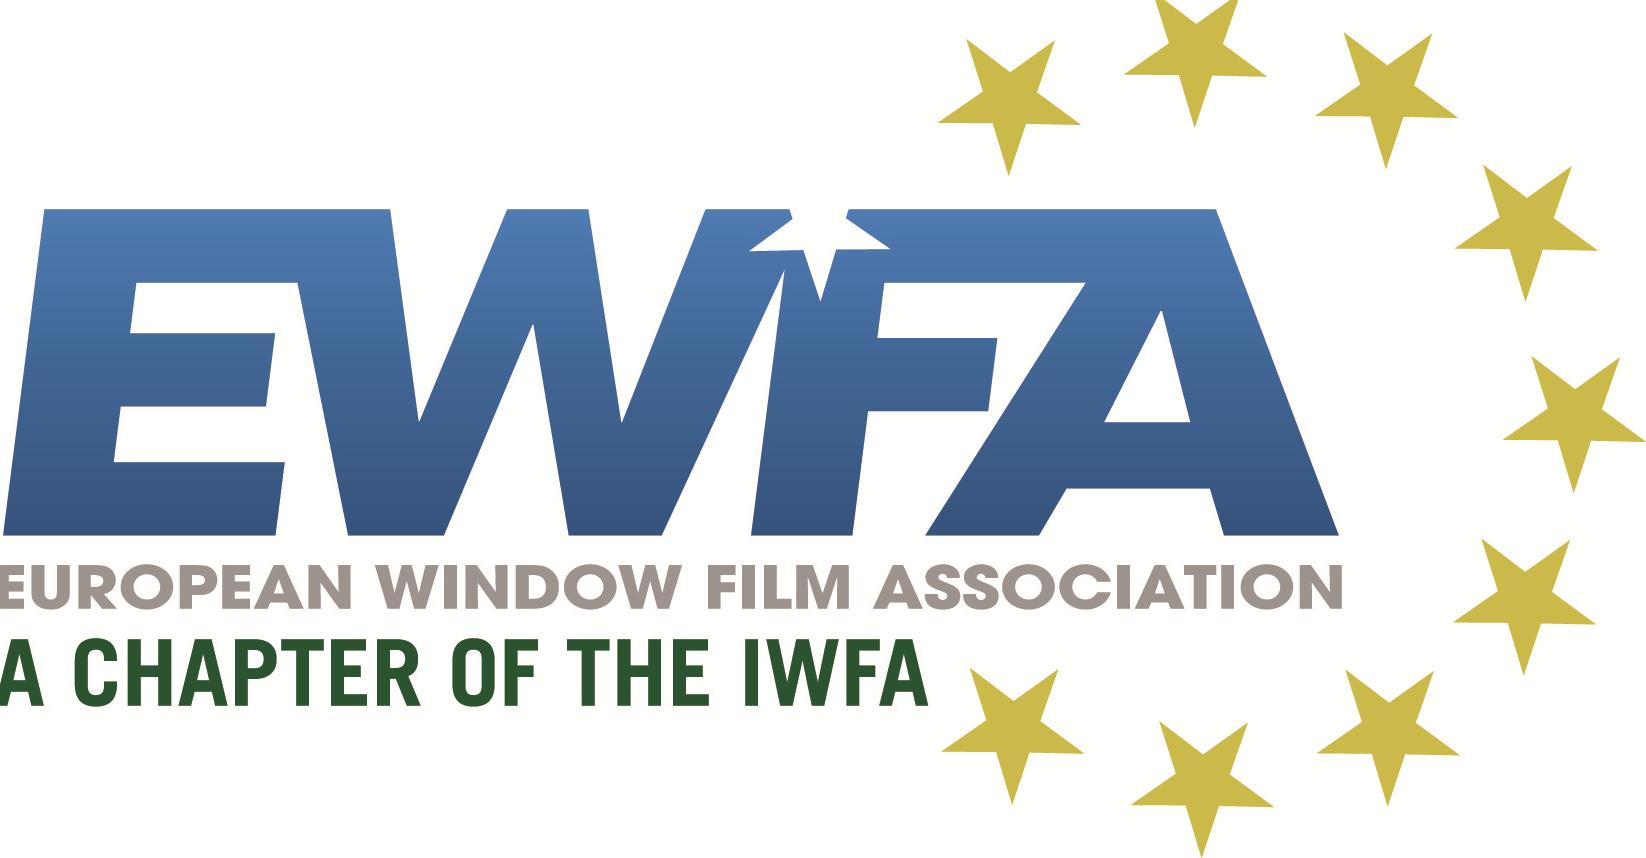 EWFA Annual Membership Meeting